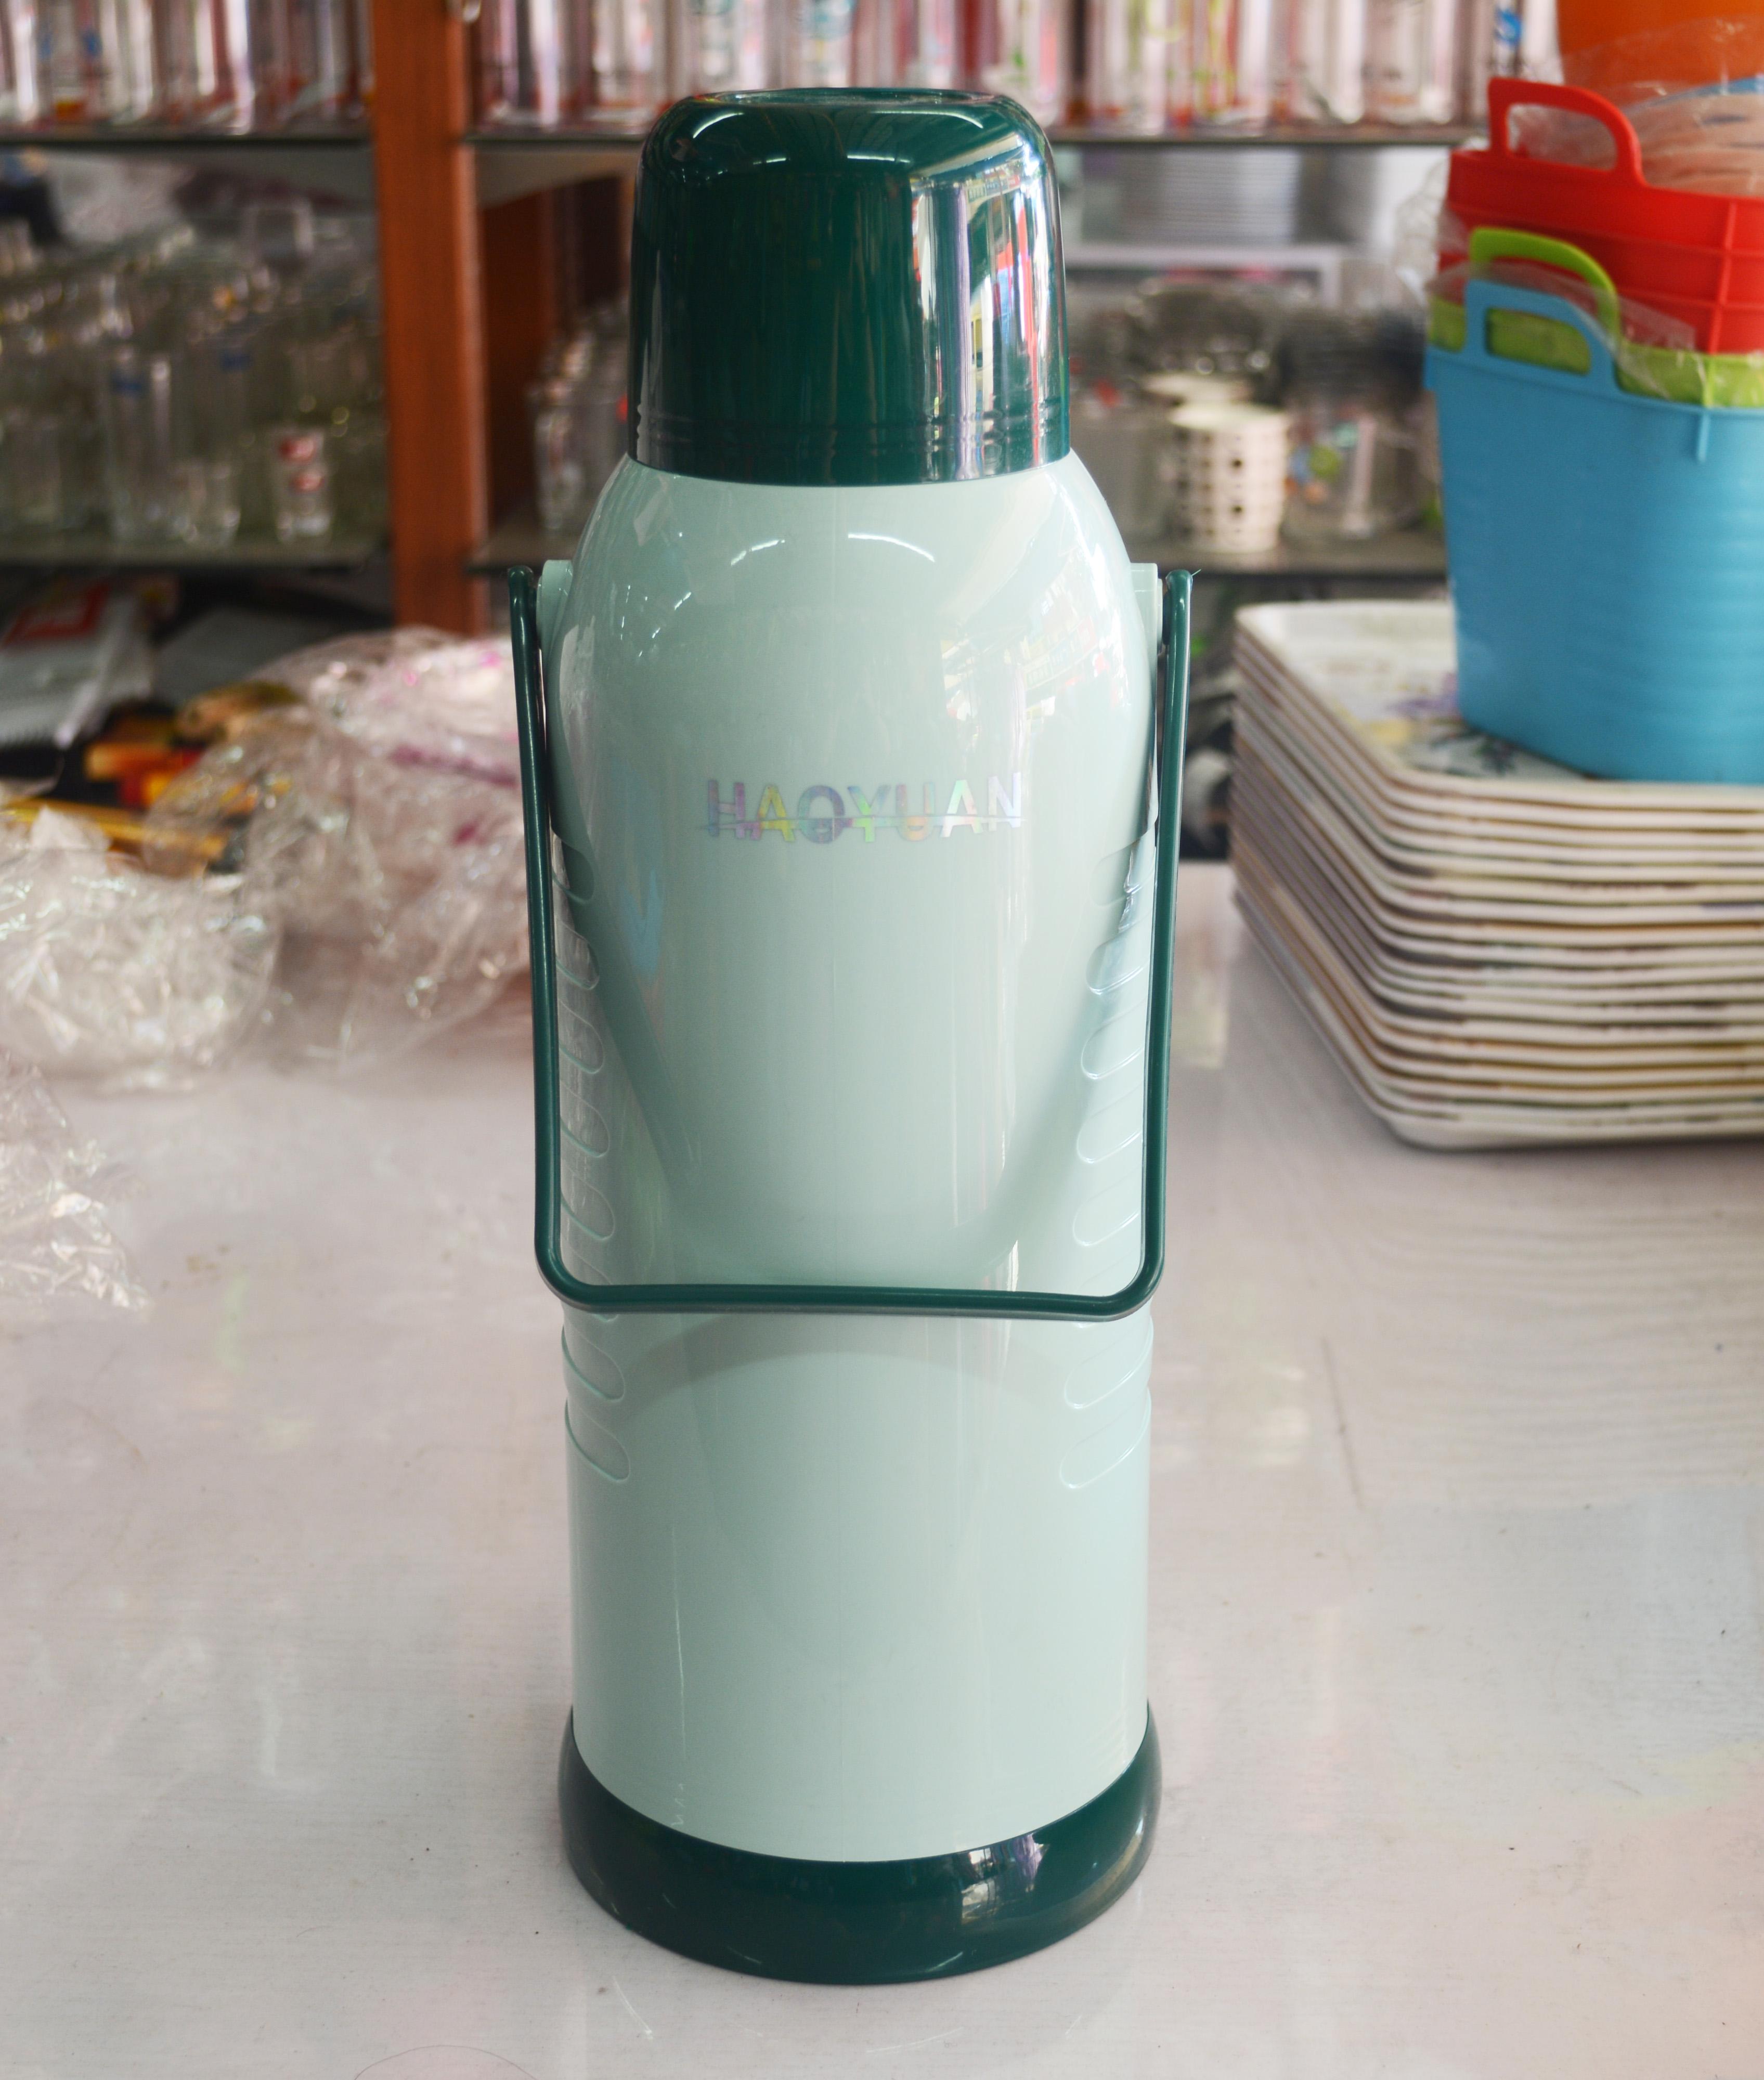 ポット浩源2リットルのプラスチックポット魔法瓶まほうびんガラス内部保温ポット